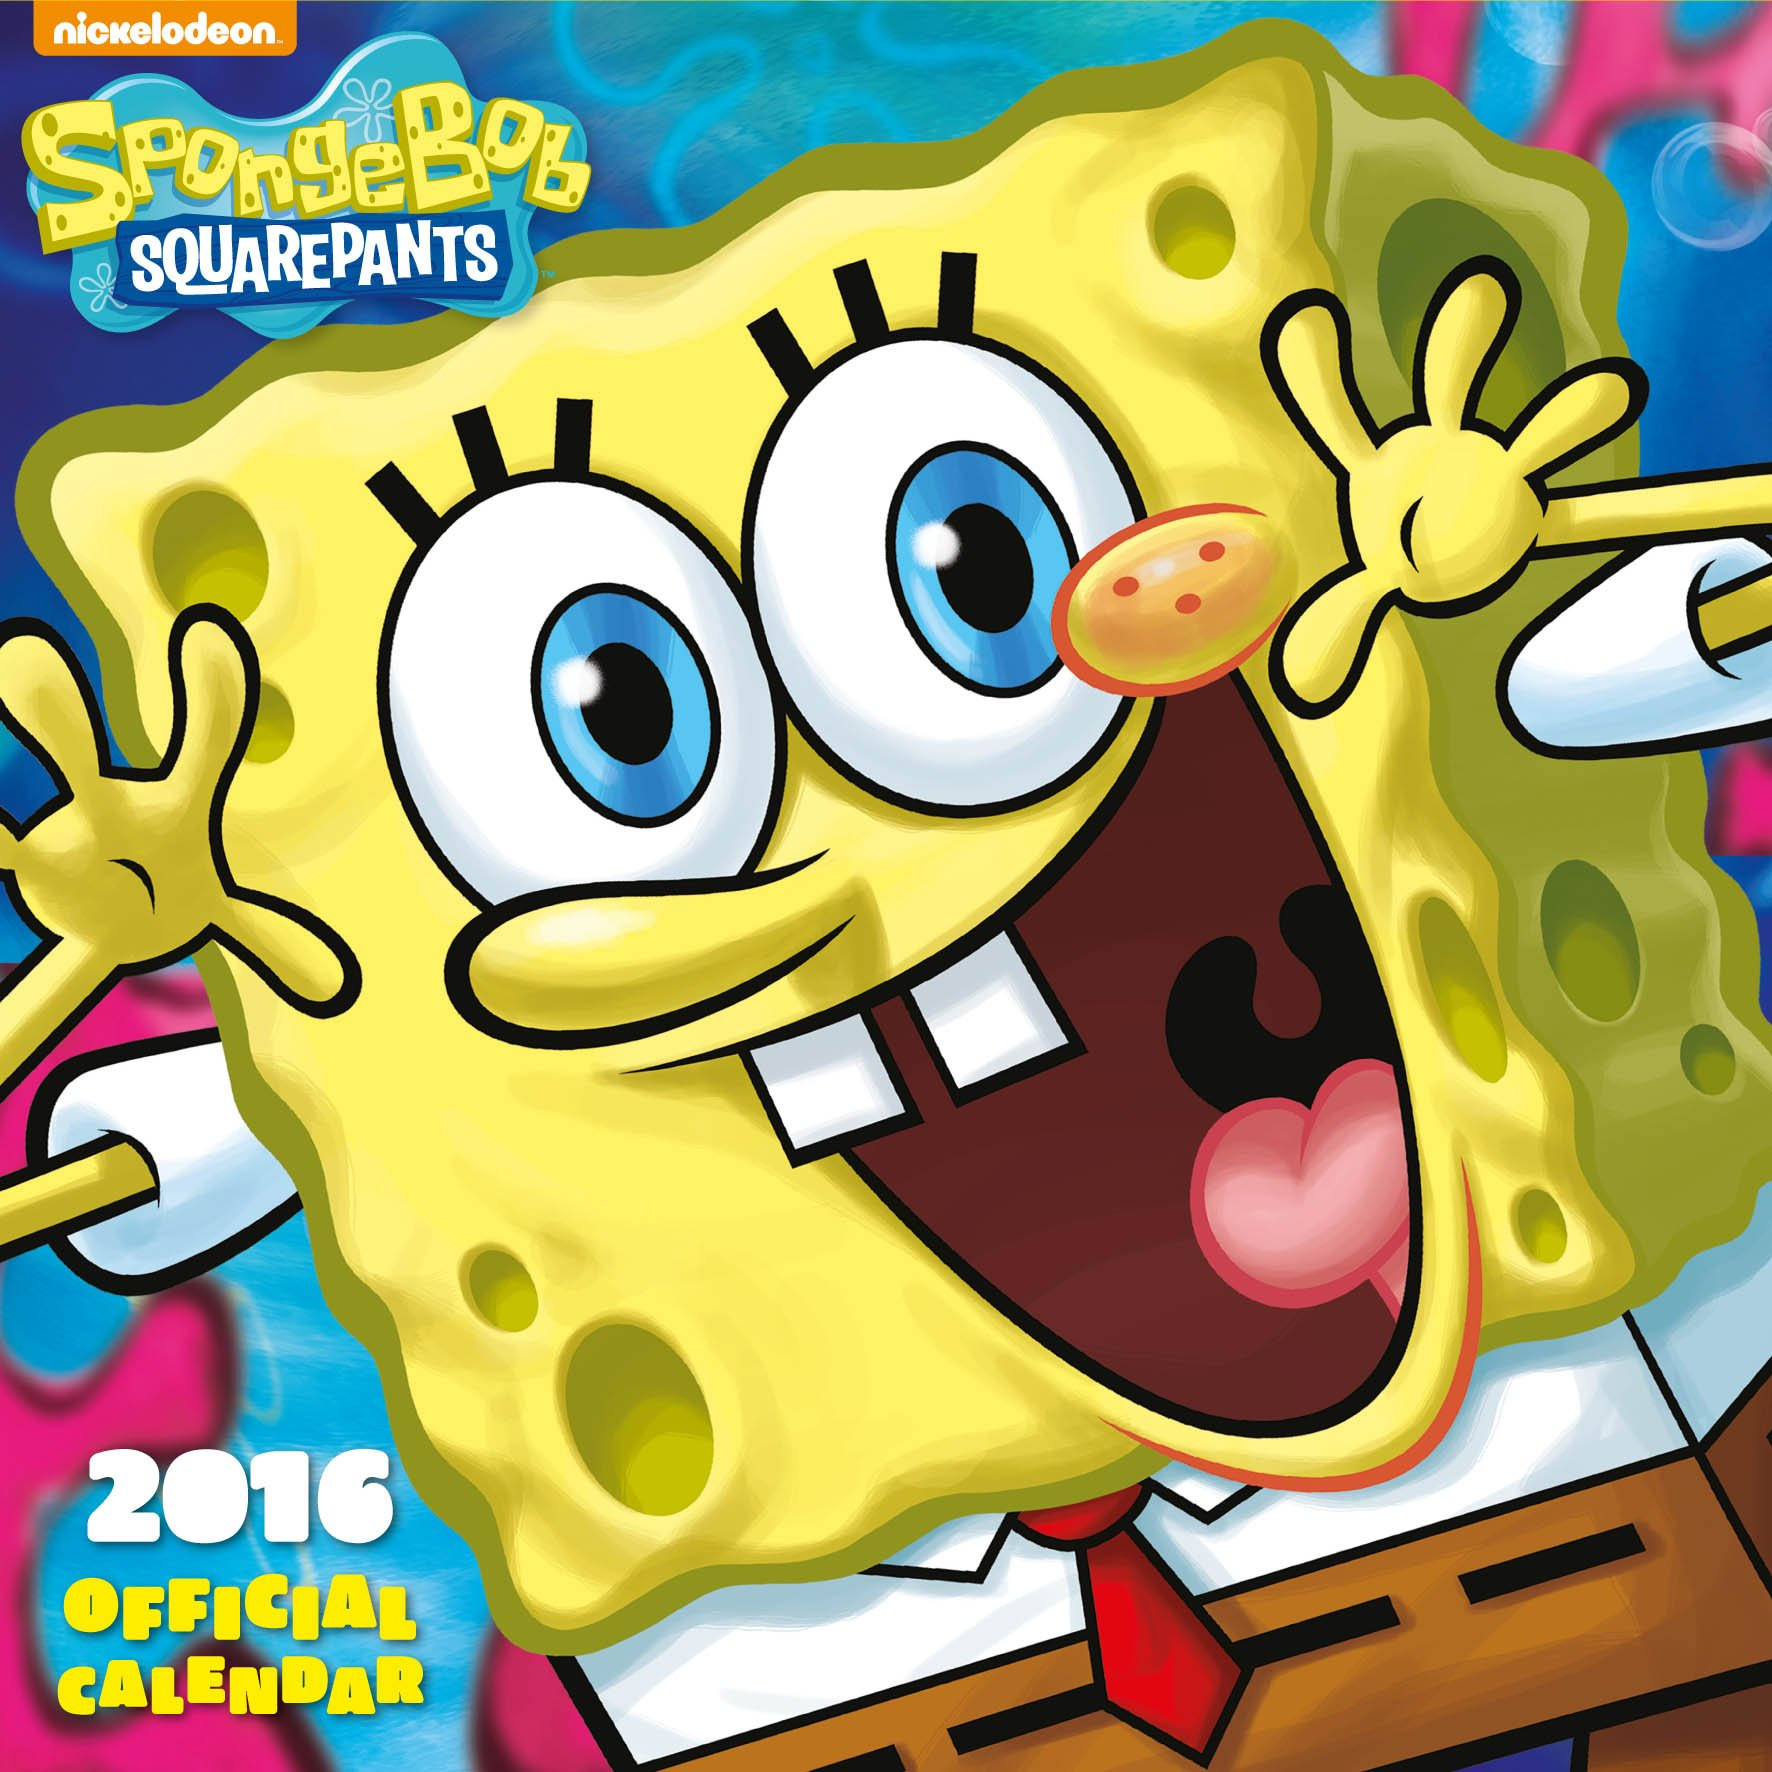 Official Sponge Bob 2016 Square Wall Calendar (Nickelodeon Calendar) Calendario – Ridotto, Audiolibro, Cofanetto Danilo Danilo Promotions Limited 1780548621 Non-Classifiable